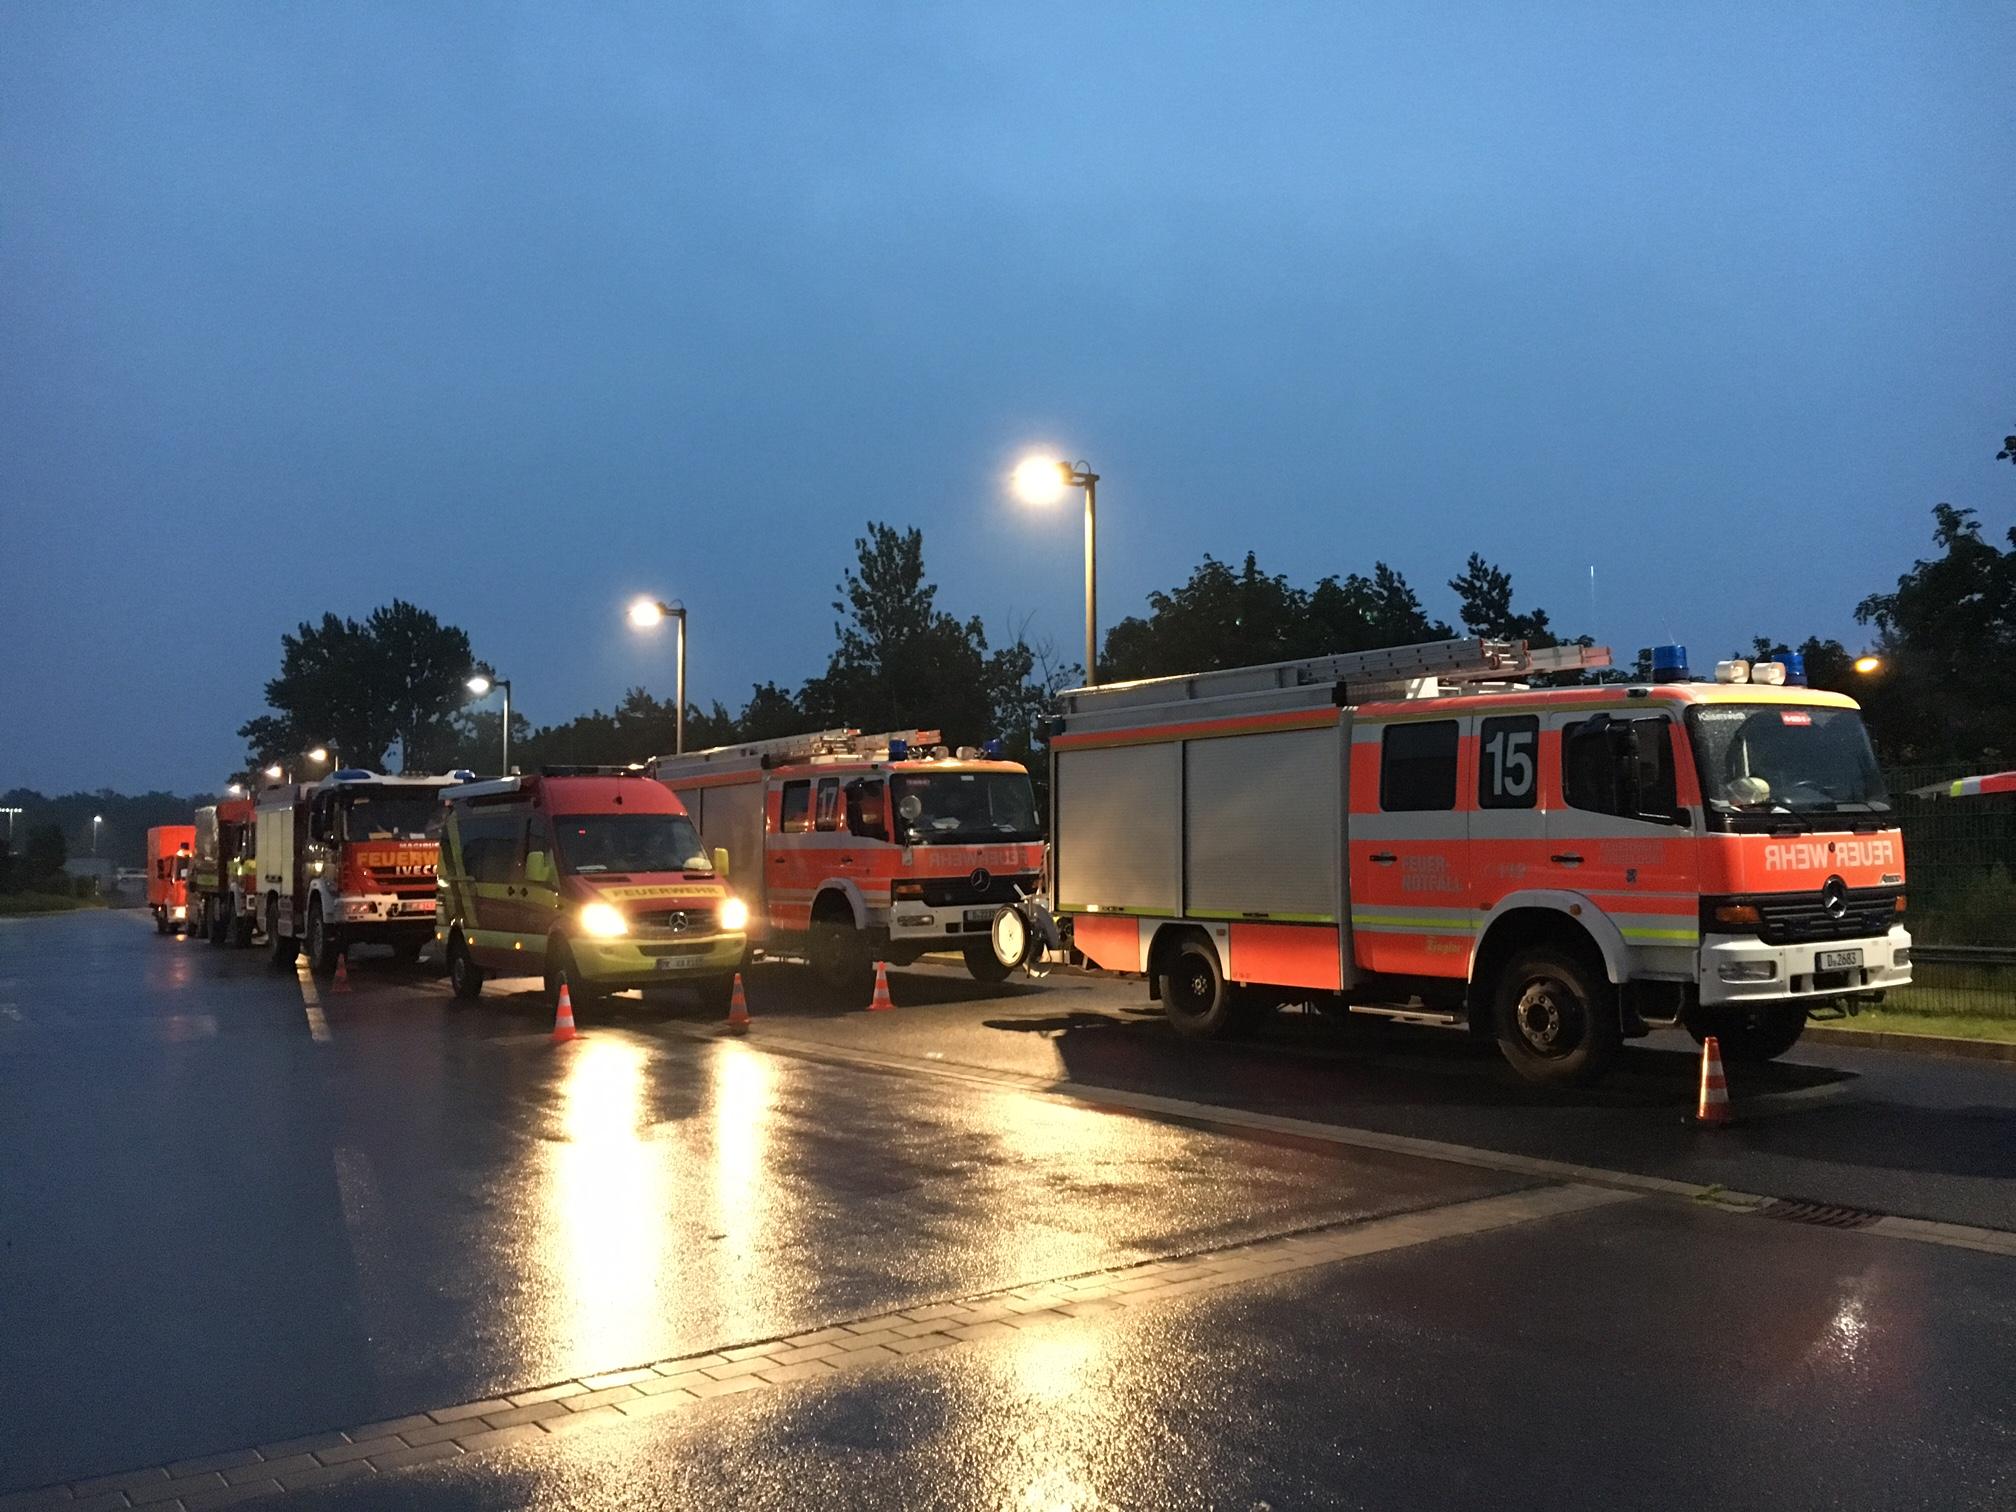 35 Fahrzeuge mit etwa 140 Einsatzkräften helfen in Hammikeln aus (Foto: Feuerwehr Düsseldorf)